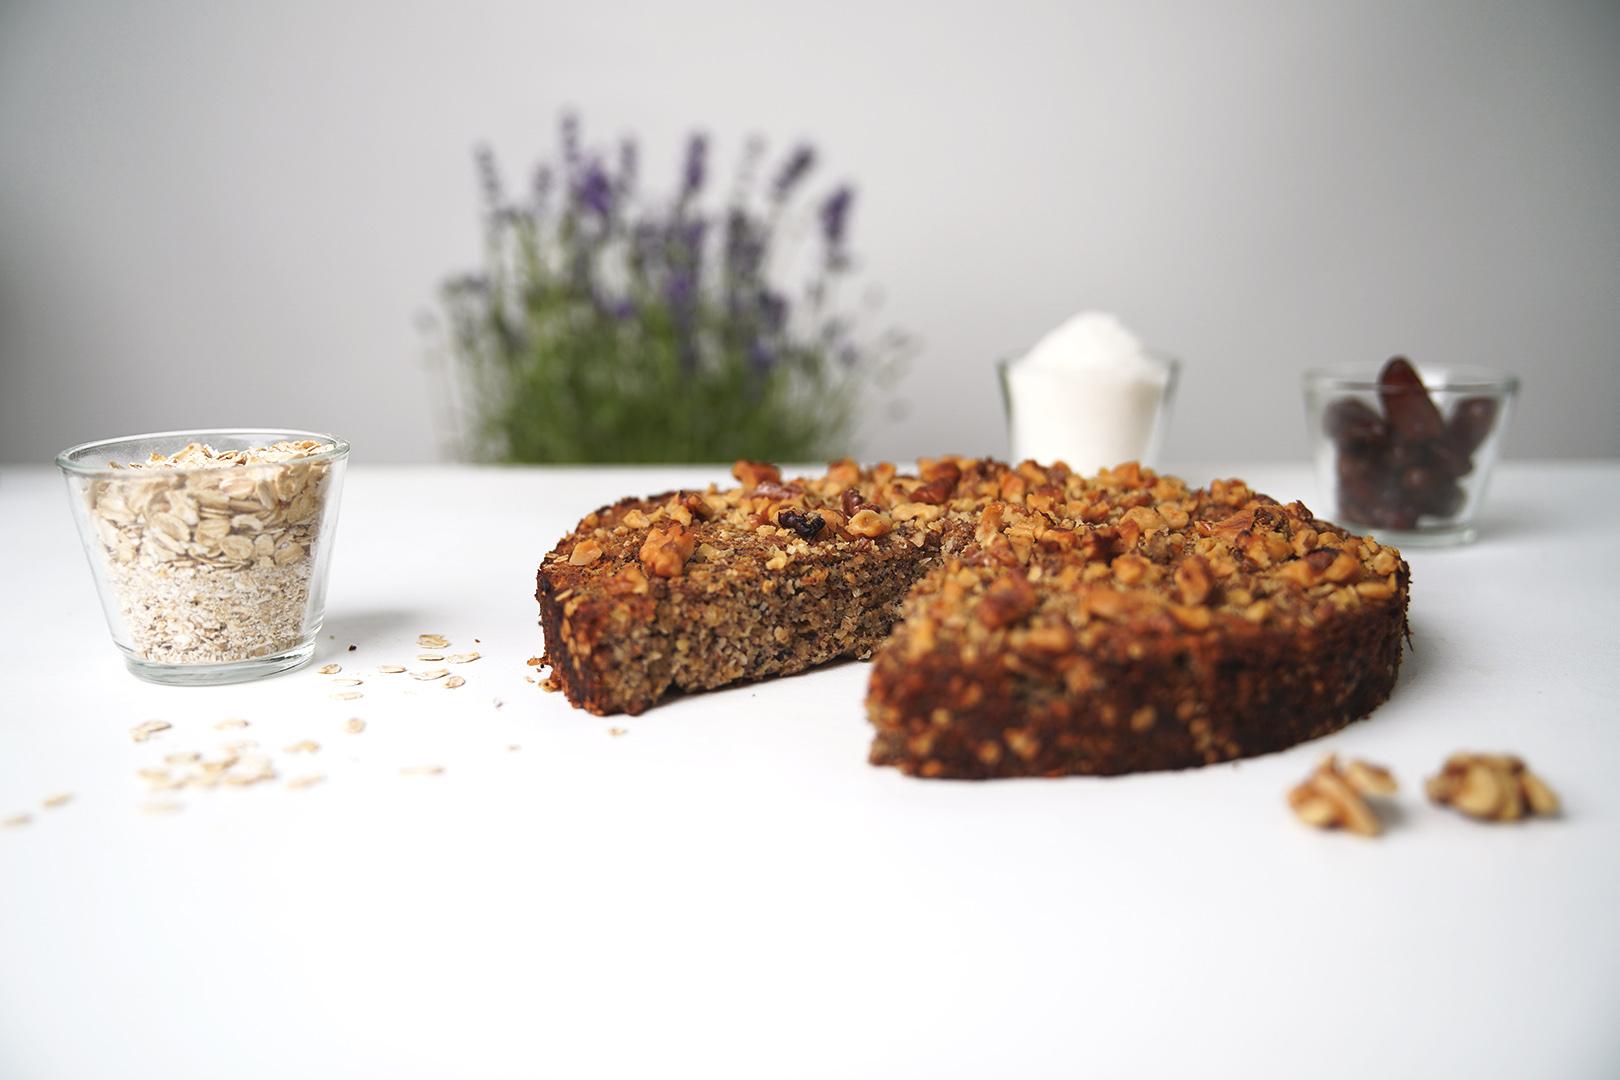 Schnellster gesunder Kuchen – ohne Zucker und Mehl